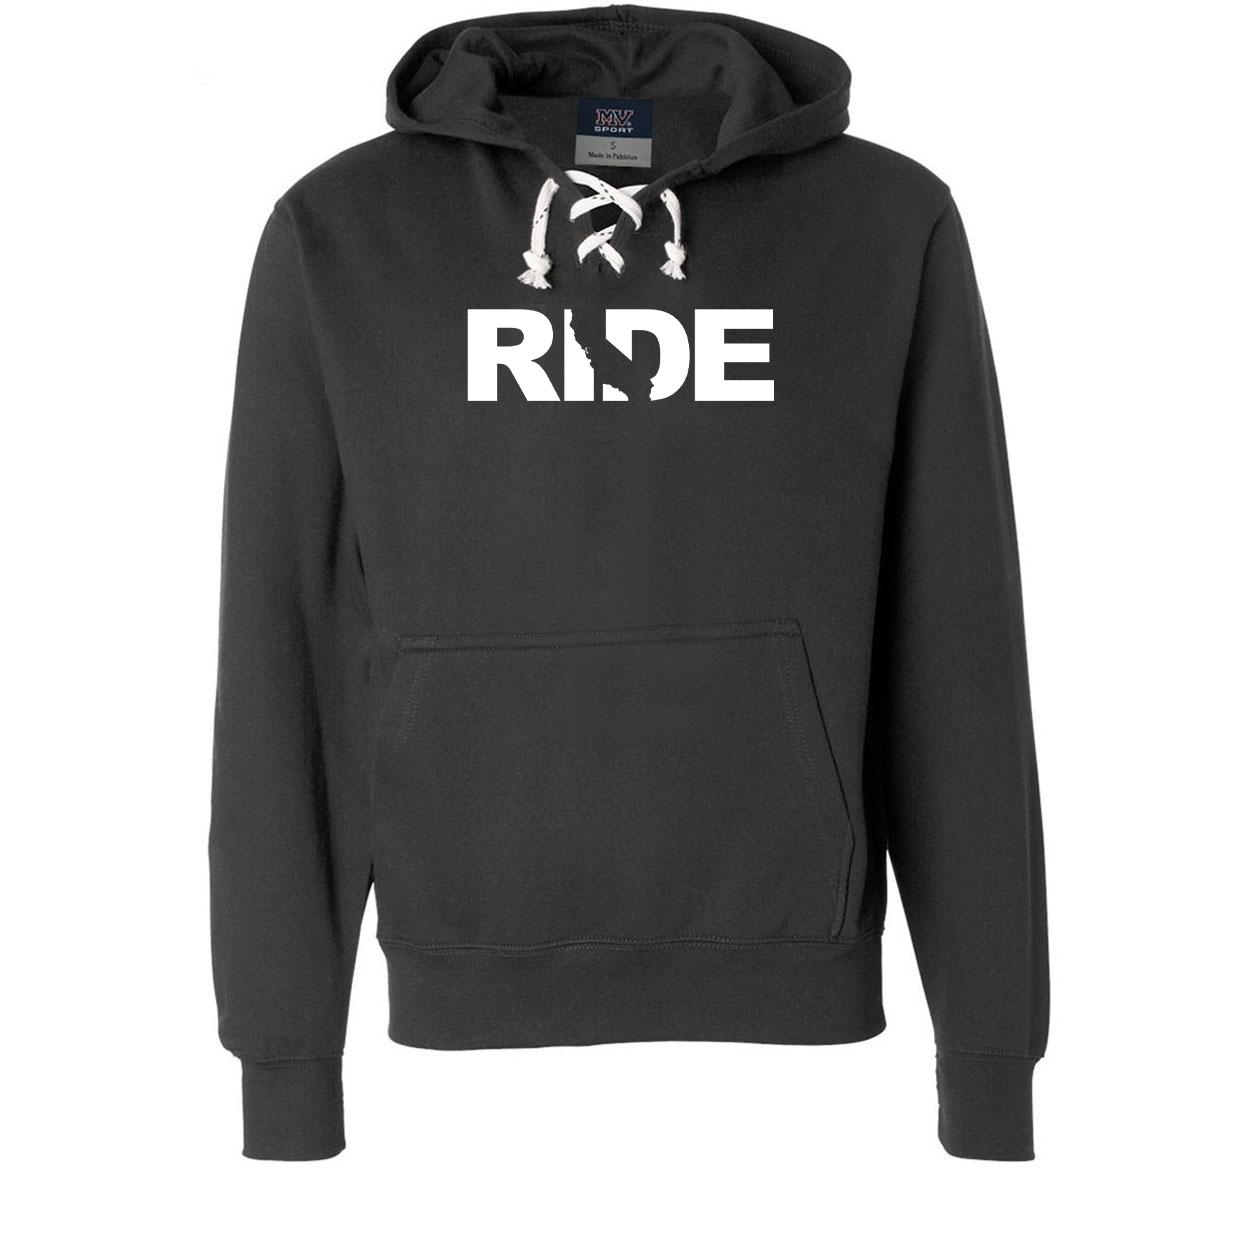 Ride California Classic Unisex Premium Hockey Sweatshirt Black (White Logo)